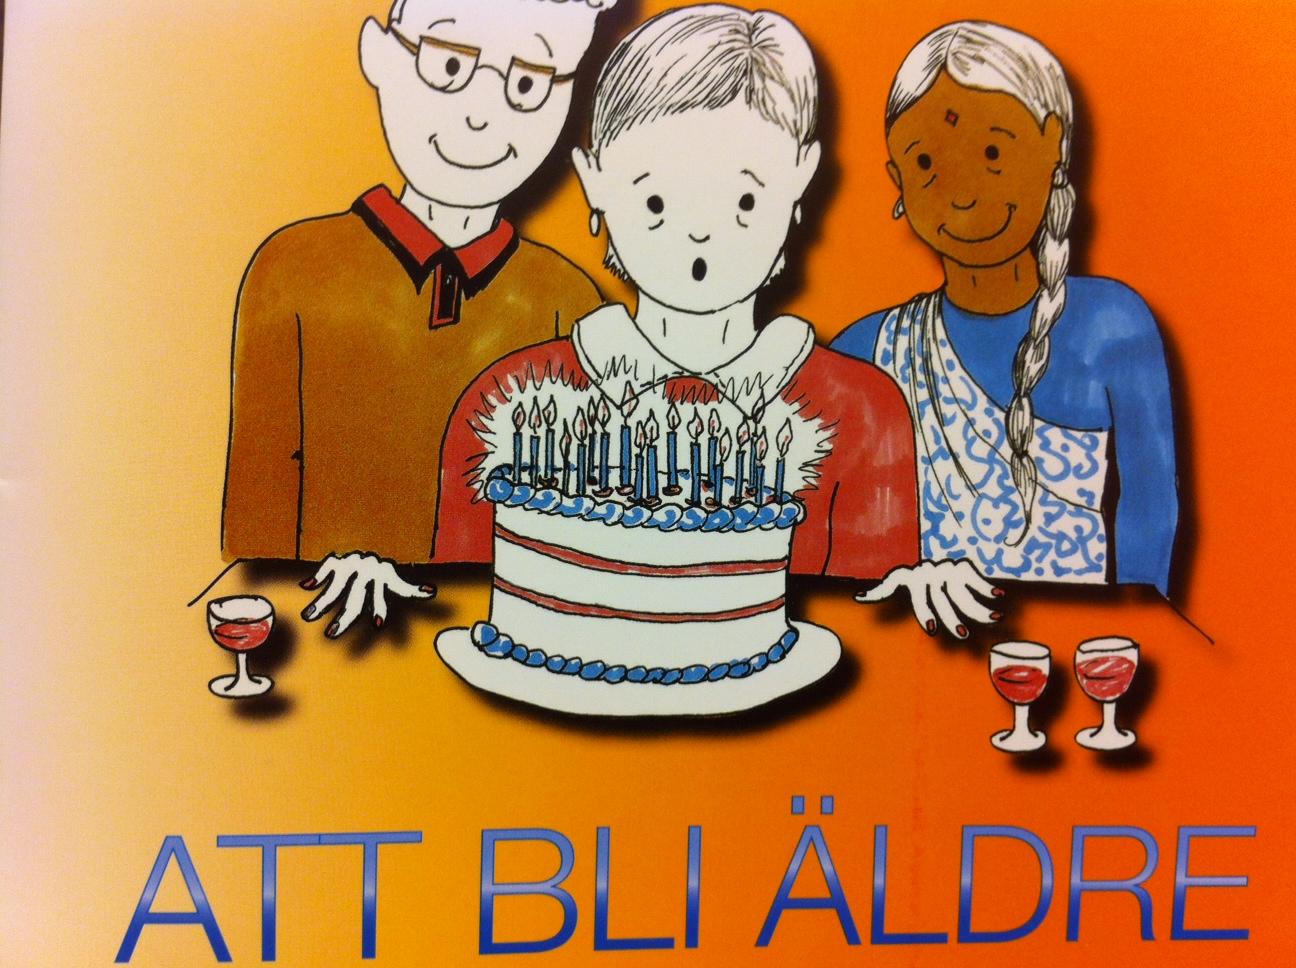 att_bli_aldre_0